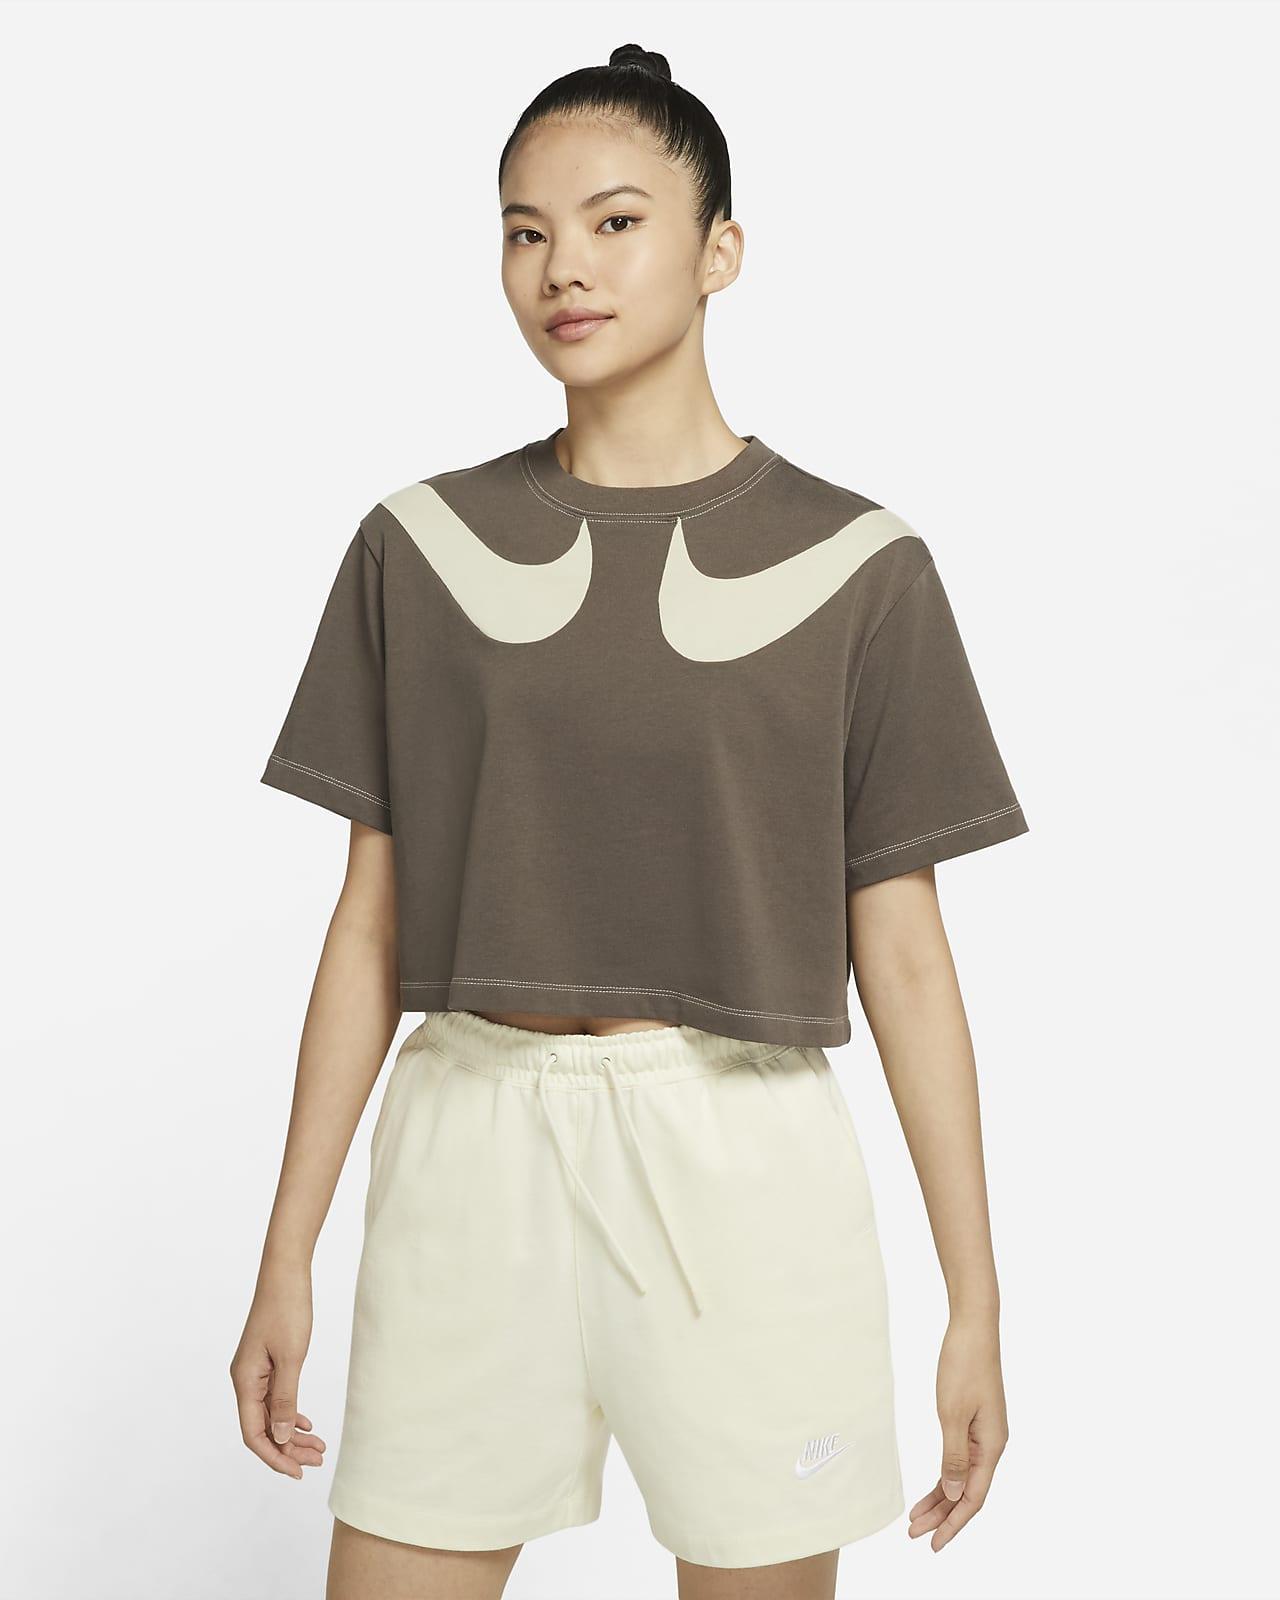 Nike Sportswear Swoosh 女子T恤